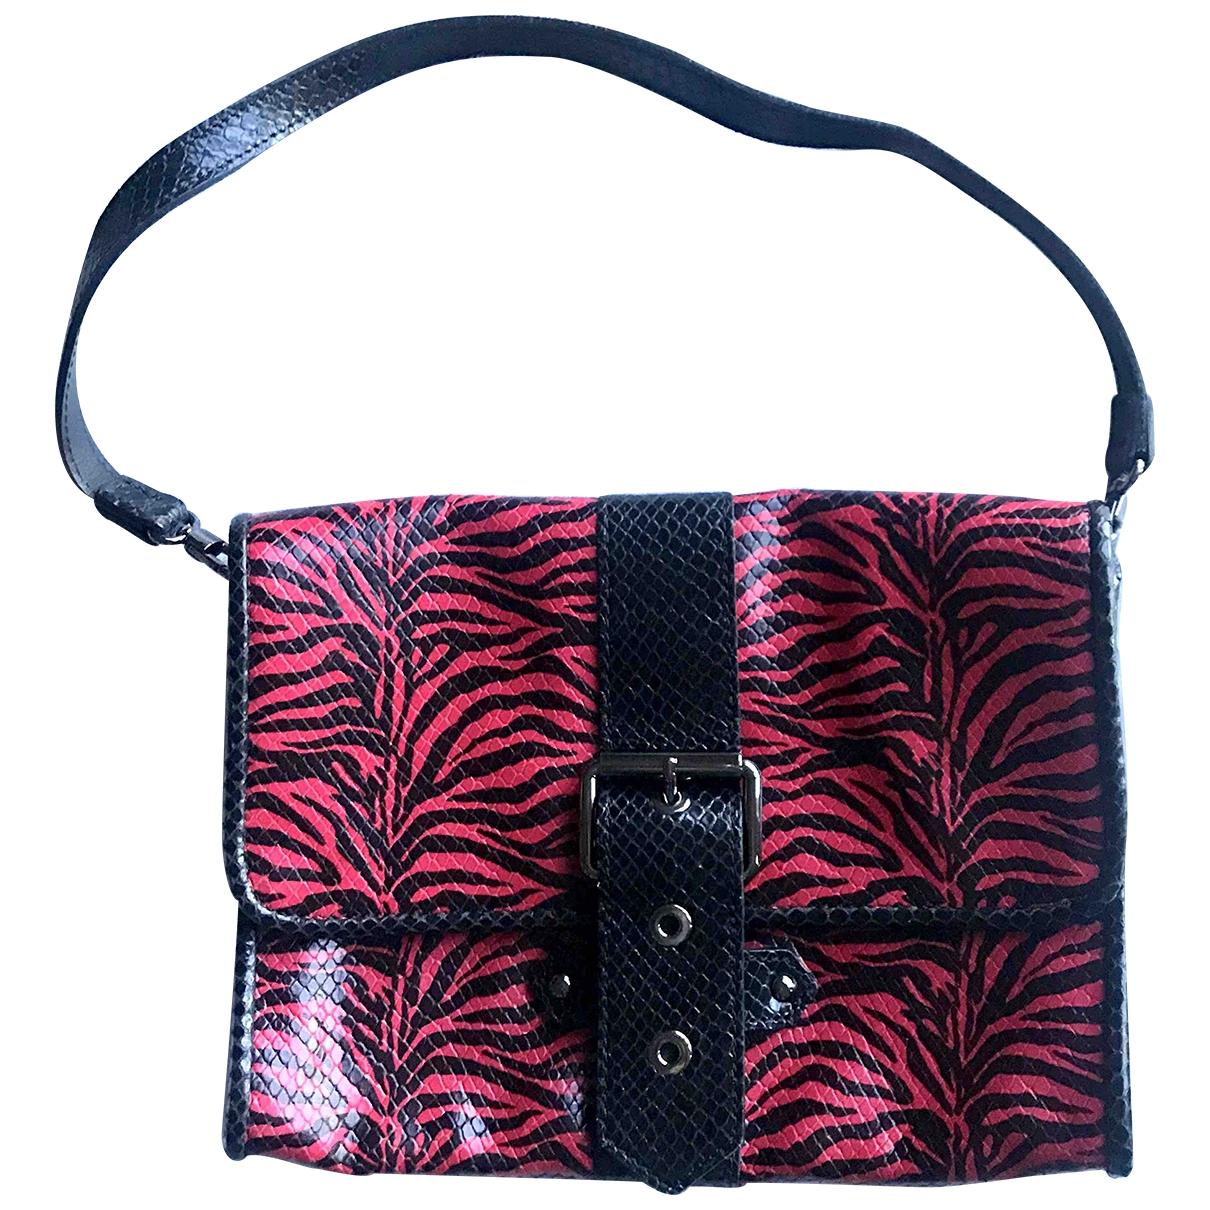 Longchamp \N Red Leather handbag for Women \N